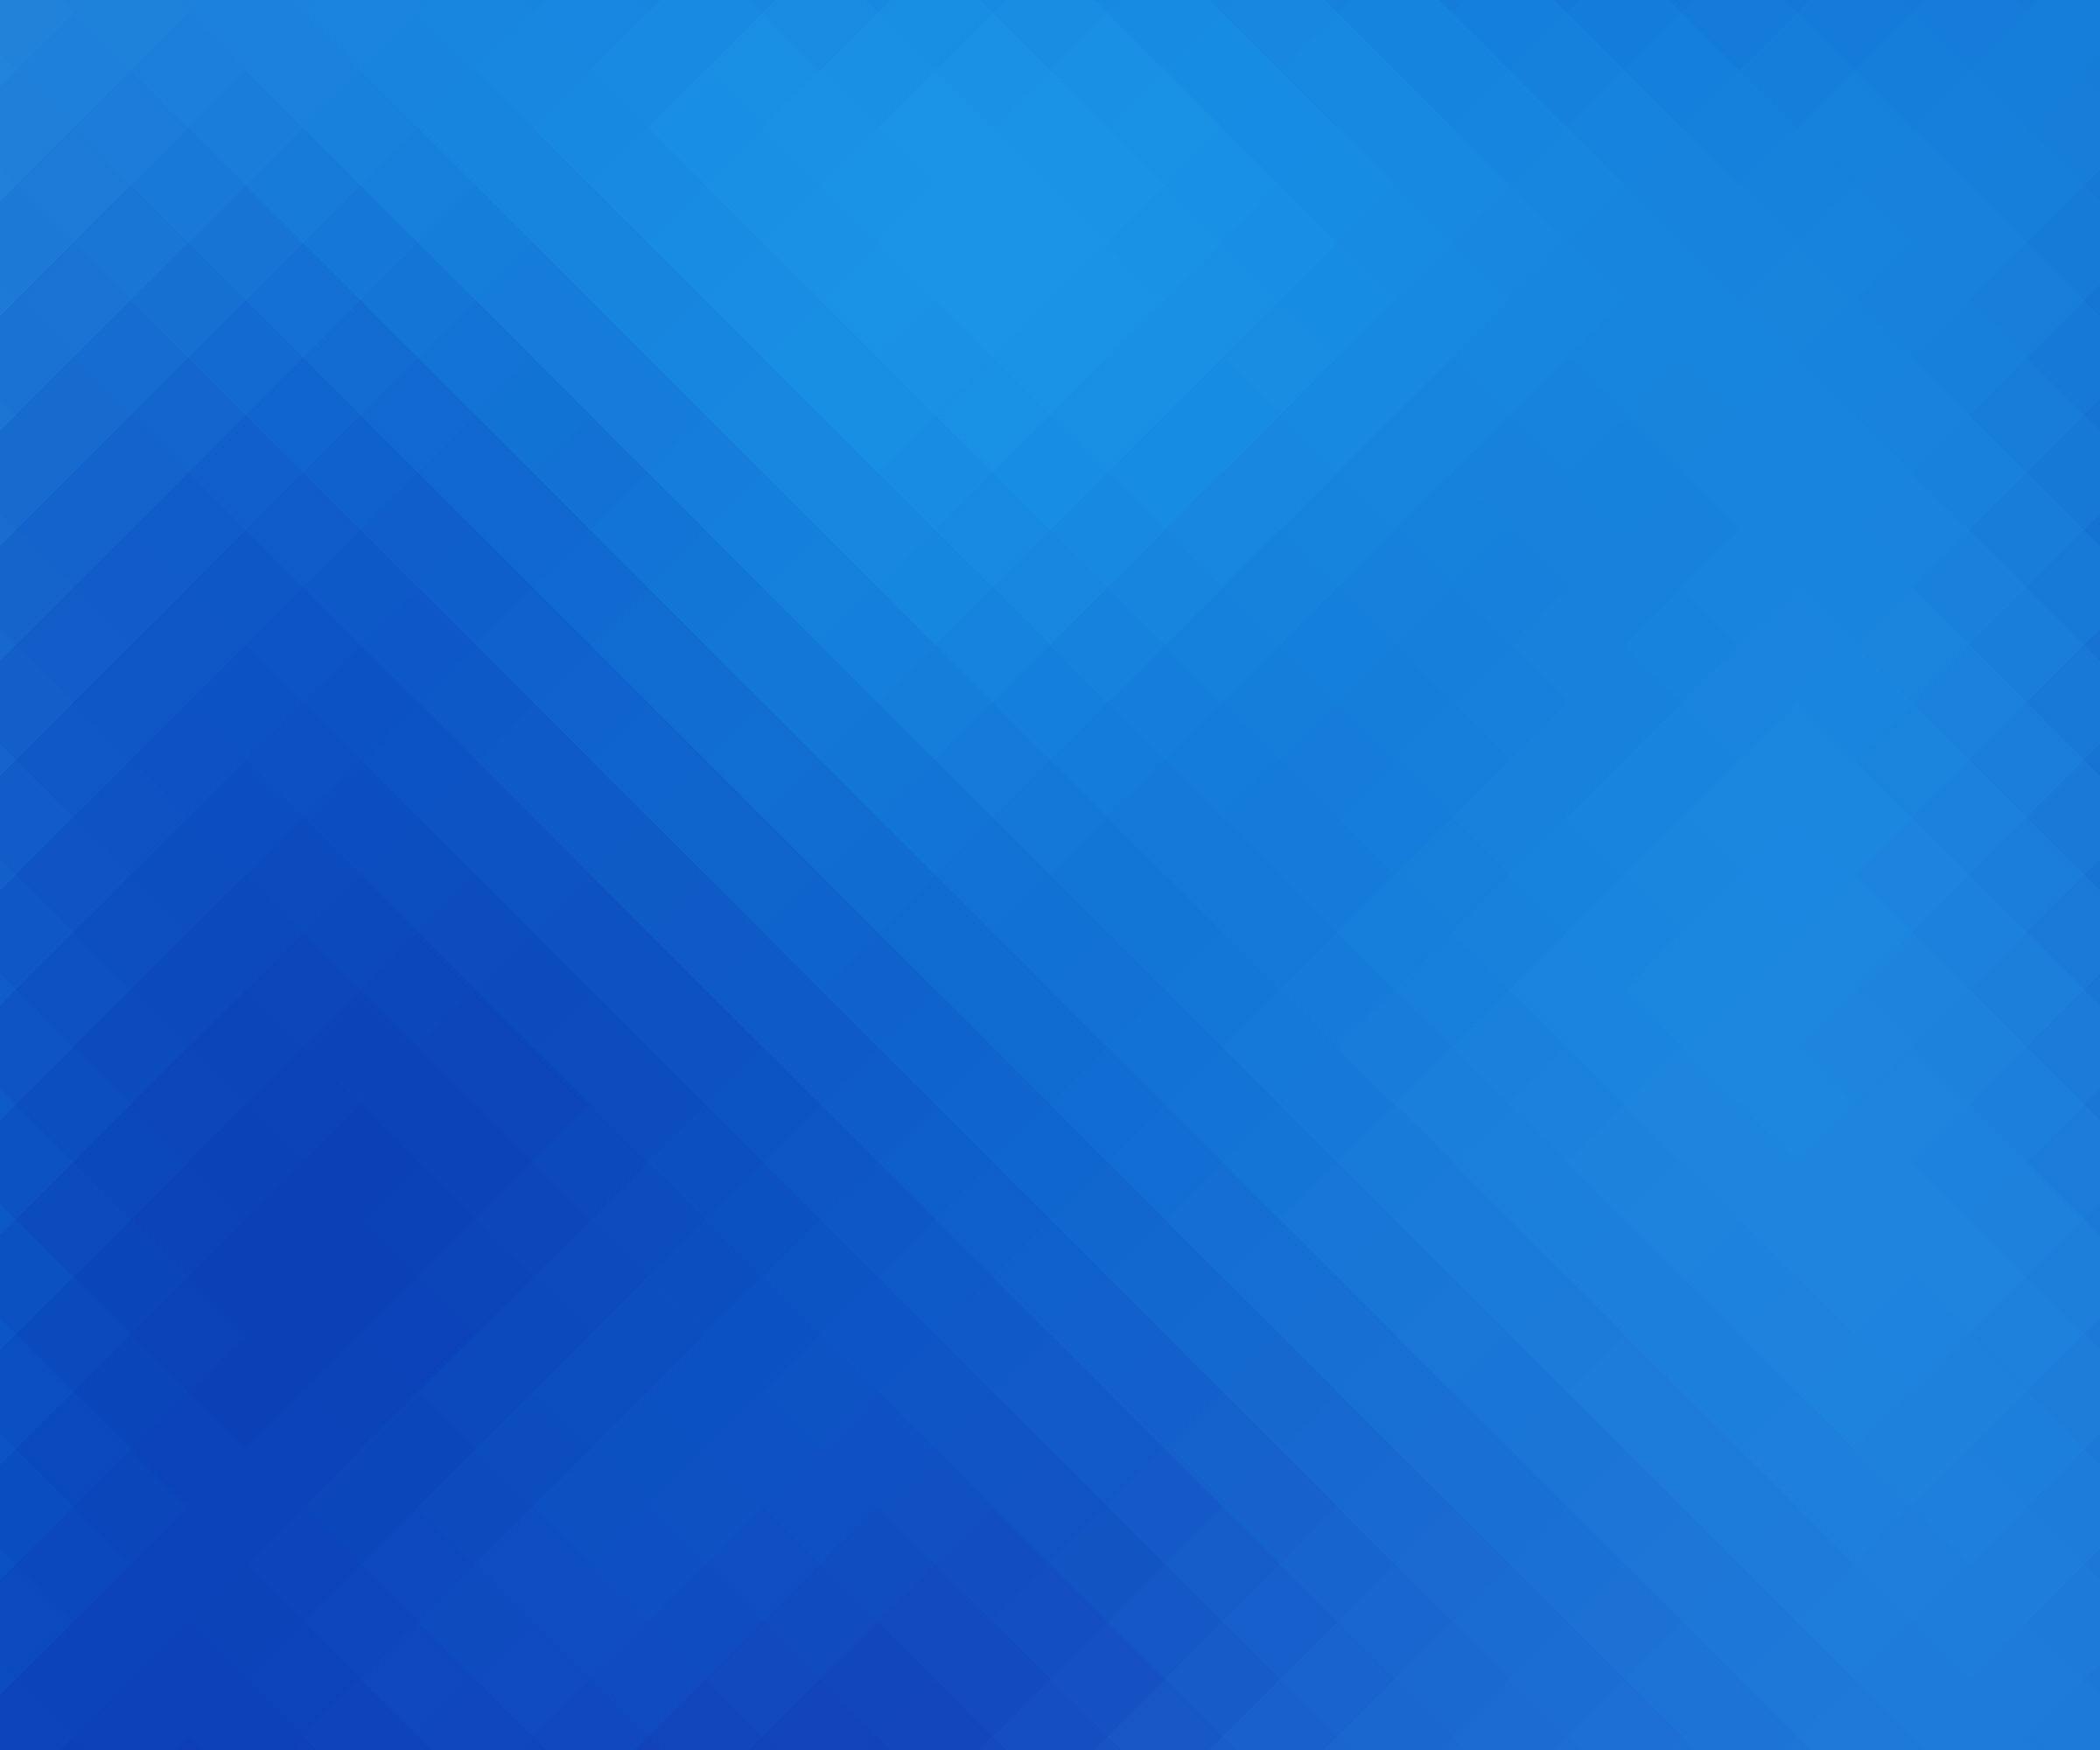 blue-bg2.jpg